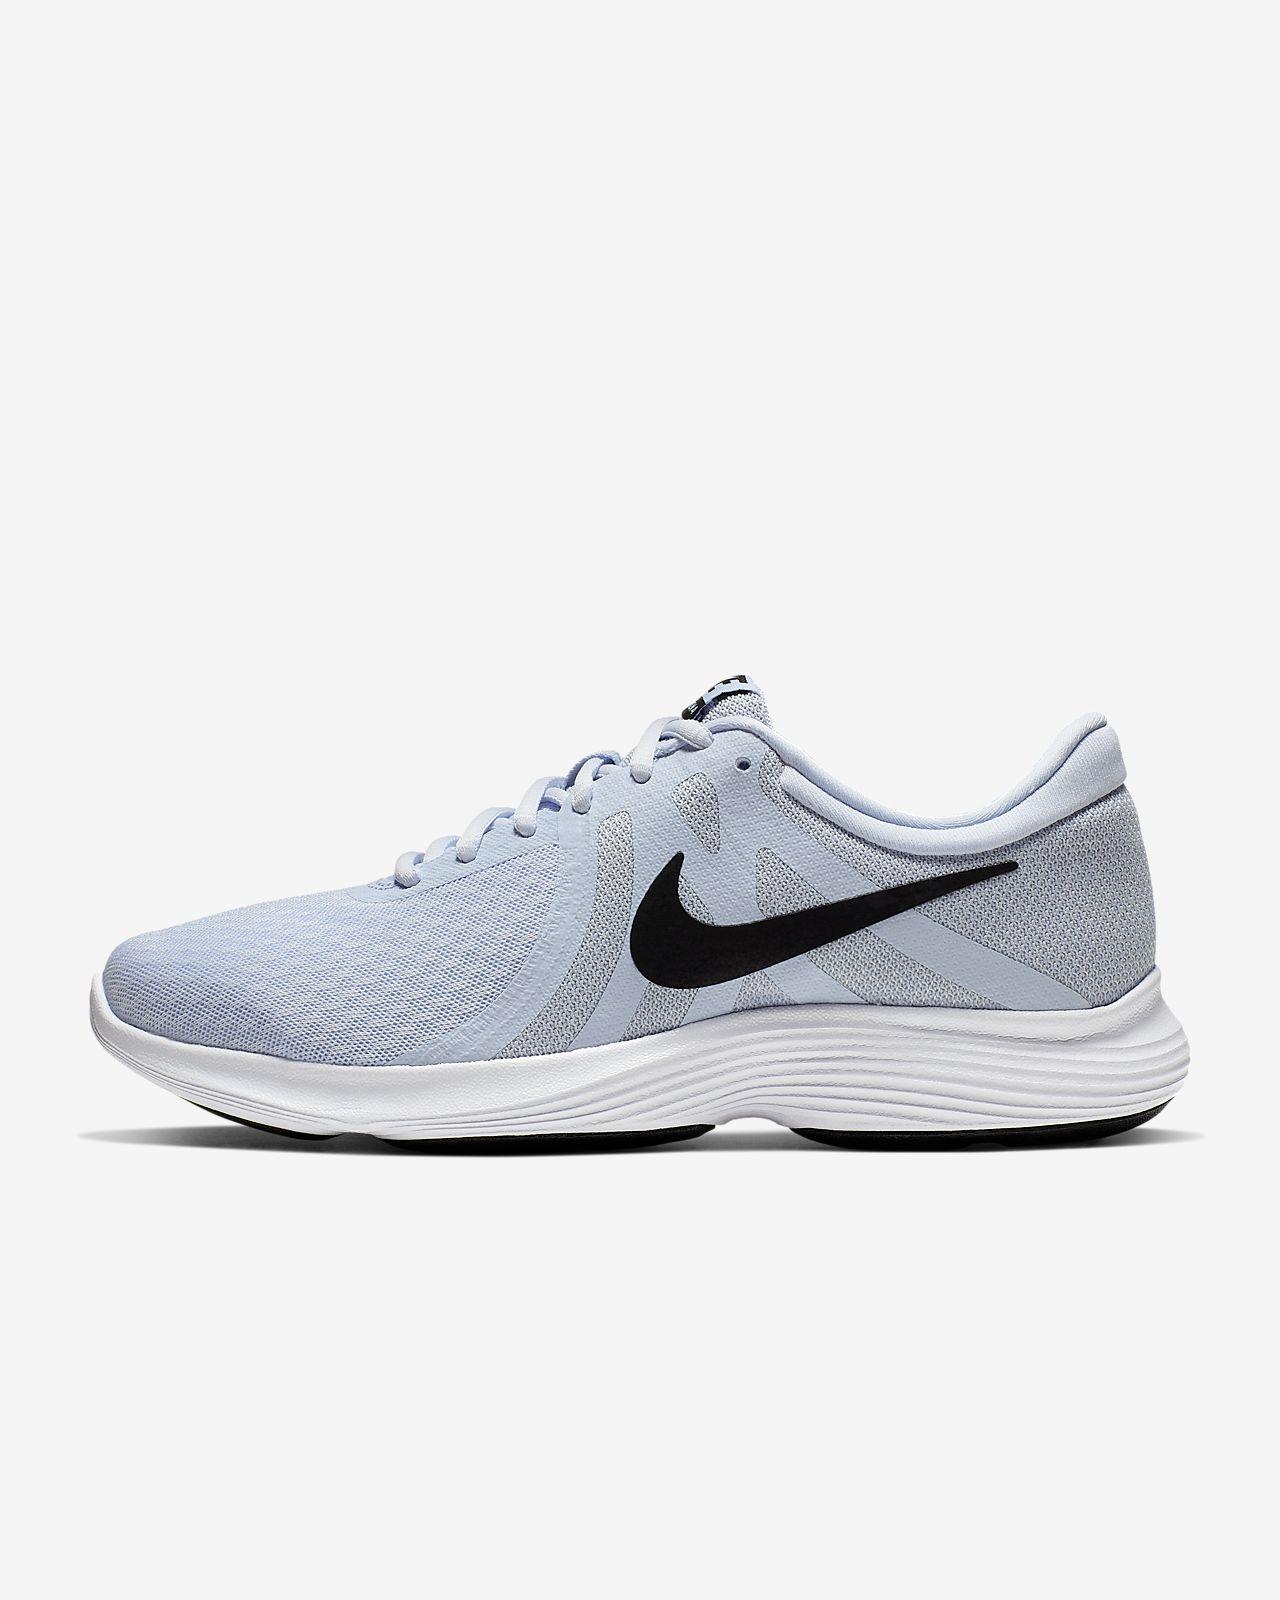 Löparsko Nike Revolution 4 för kvinnor